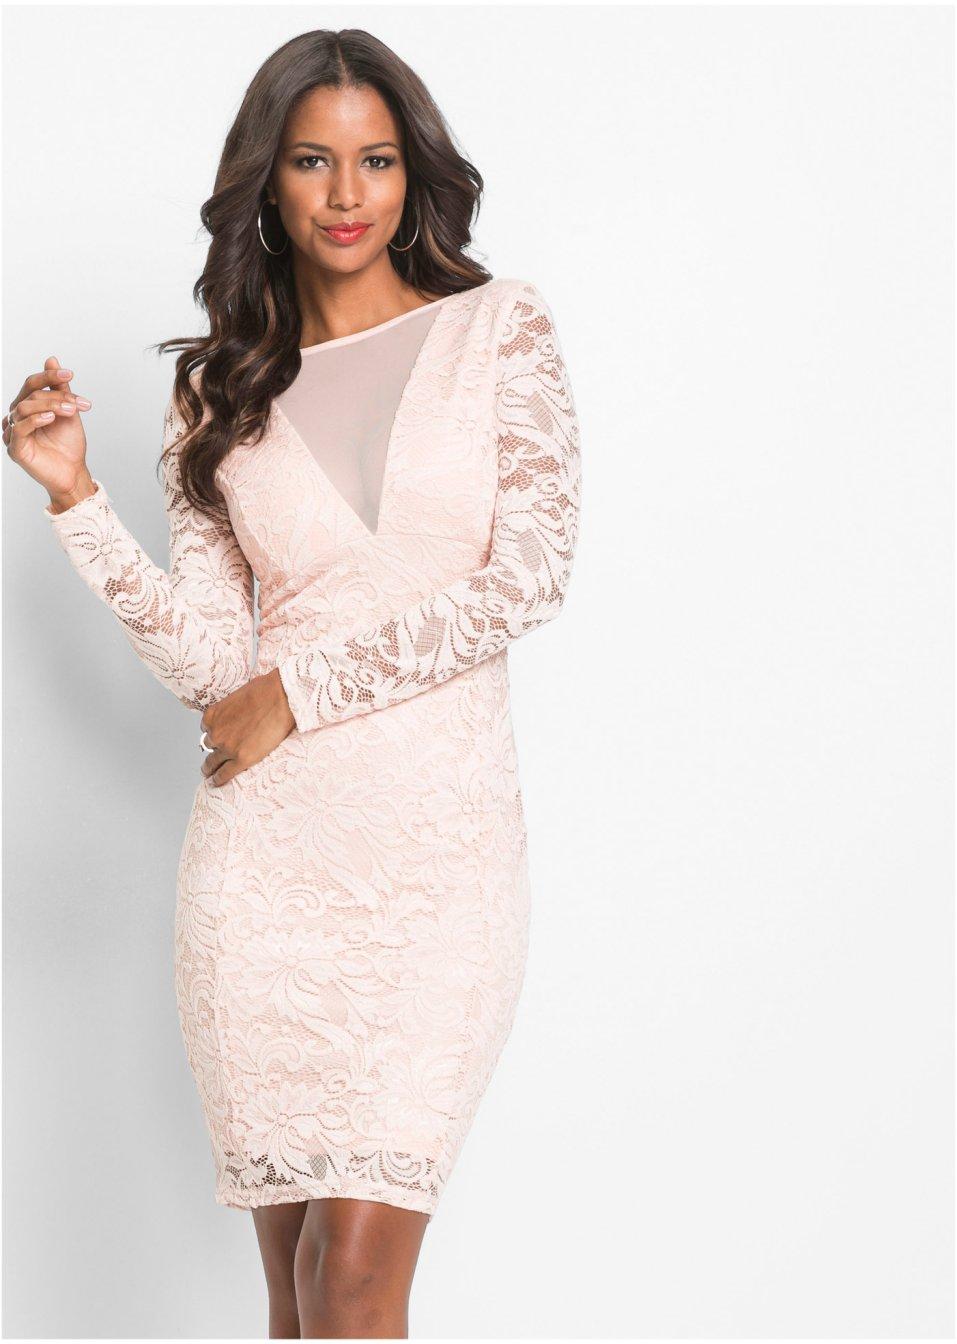 Večerní šaty s krajkou světle růžová - BODYFLIRT boutique koupit online -  bonprix.cz e9f1b8bddb